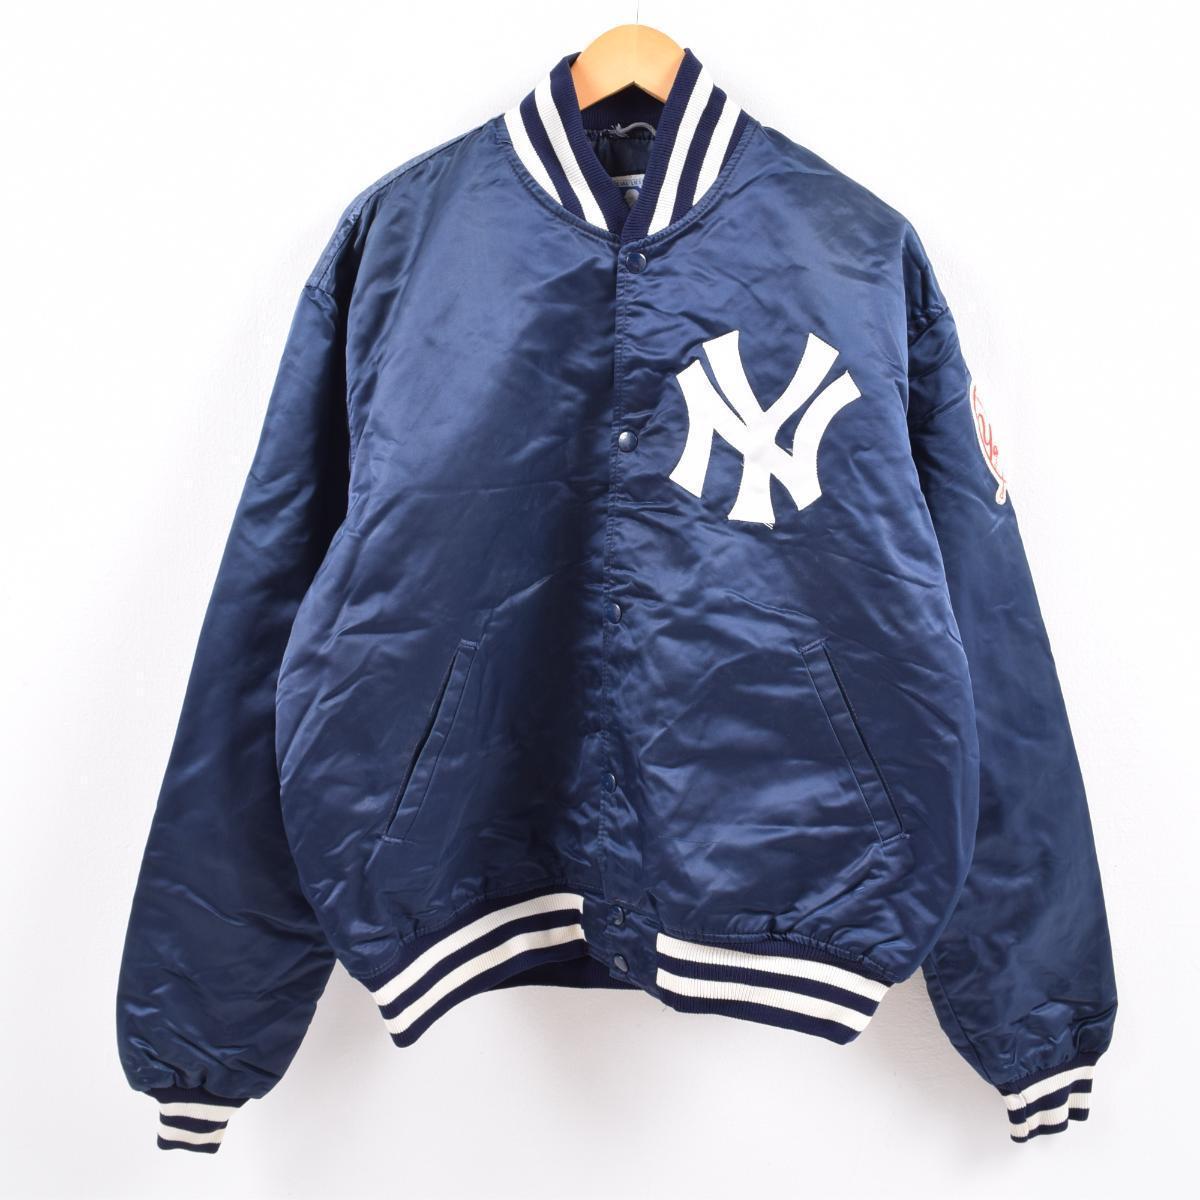 80~90年代 スターター Starter MLB NEW YORK YANKEES ニューヨークヤンキース ナイロンスタジャン アワードジャケット USA製 メンズXL ヴィンテージ /wca000978 【中古】 【191226】【VTG】